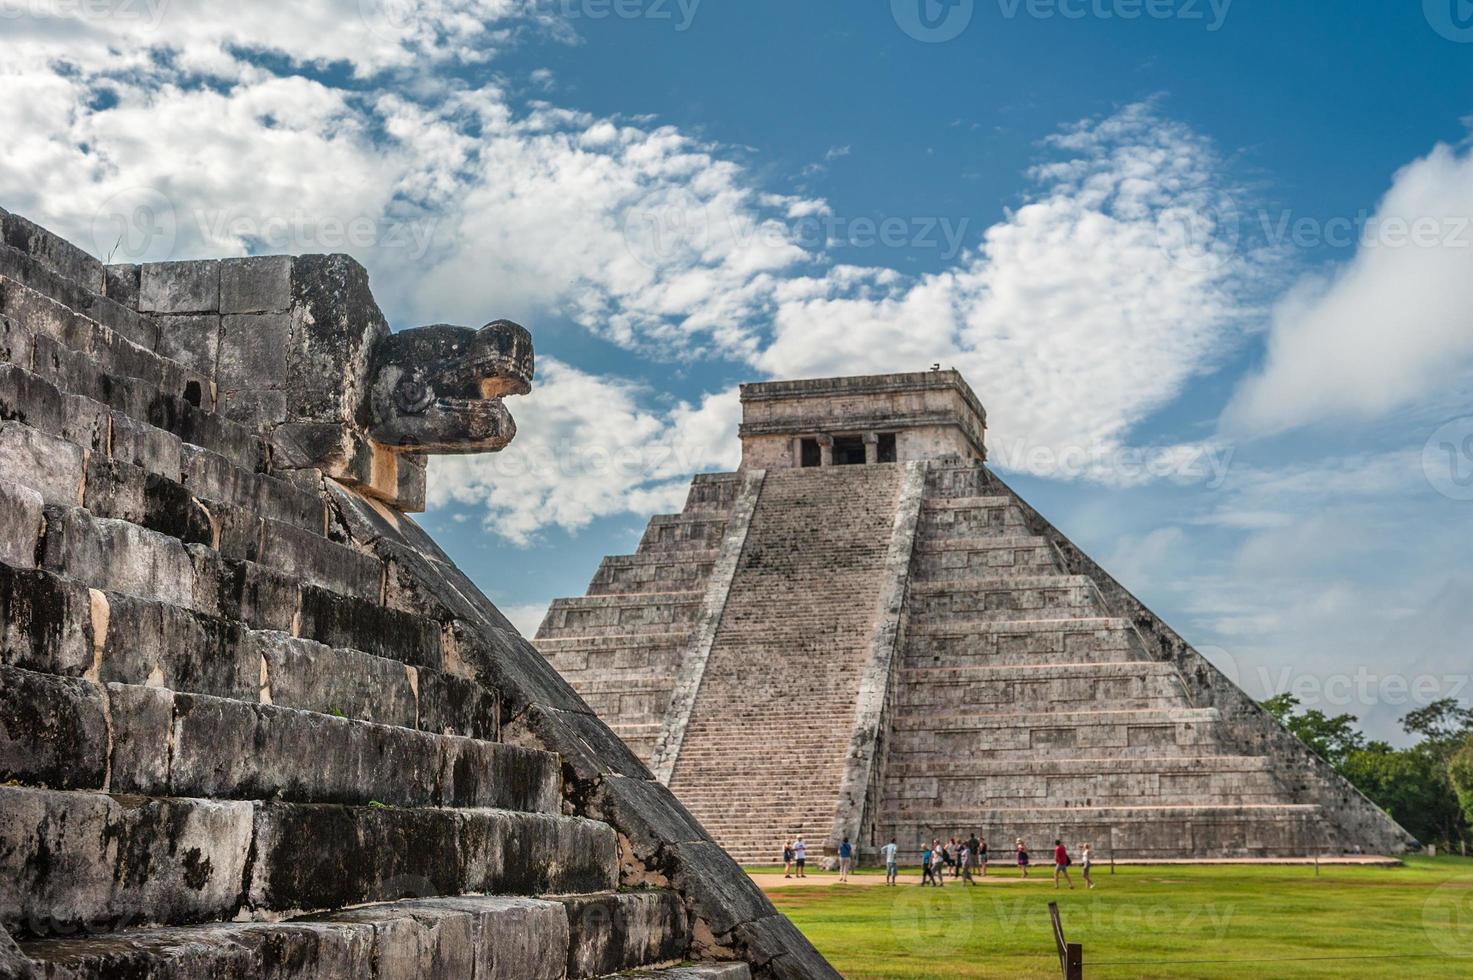 el castillo eller templet för kukulkan-pyramiden, chichen itza, yucatan foto